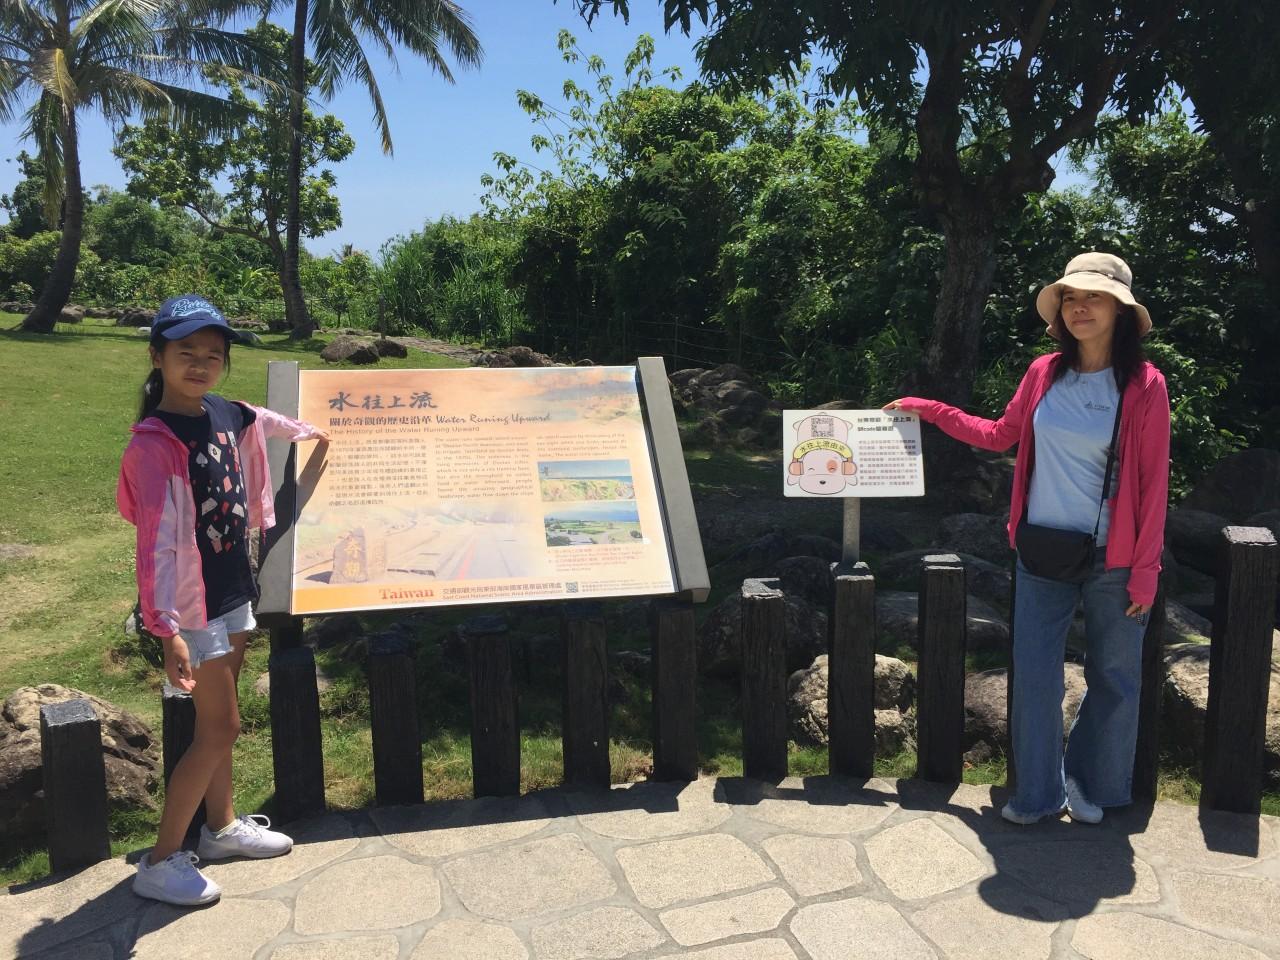 臺東縣228連假旅遊人次較去年減少約15%